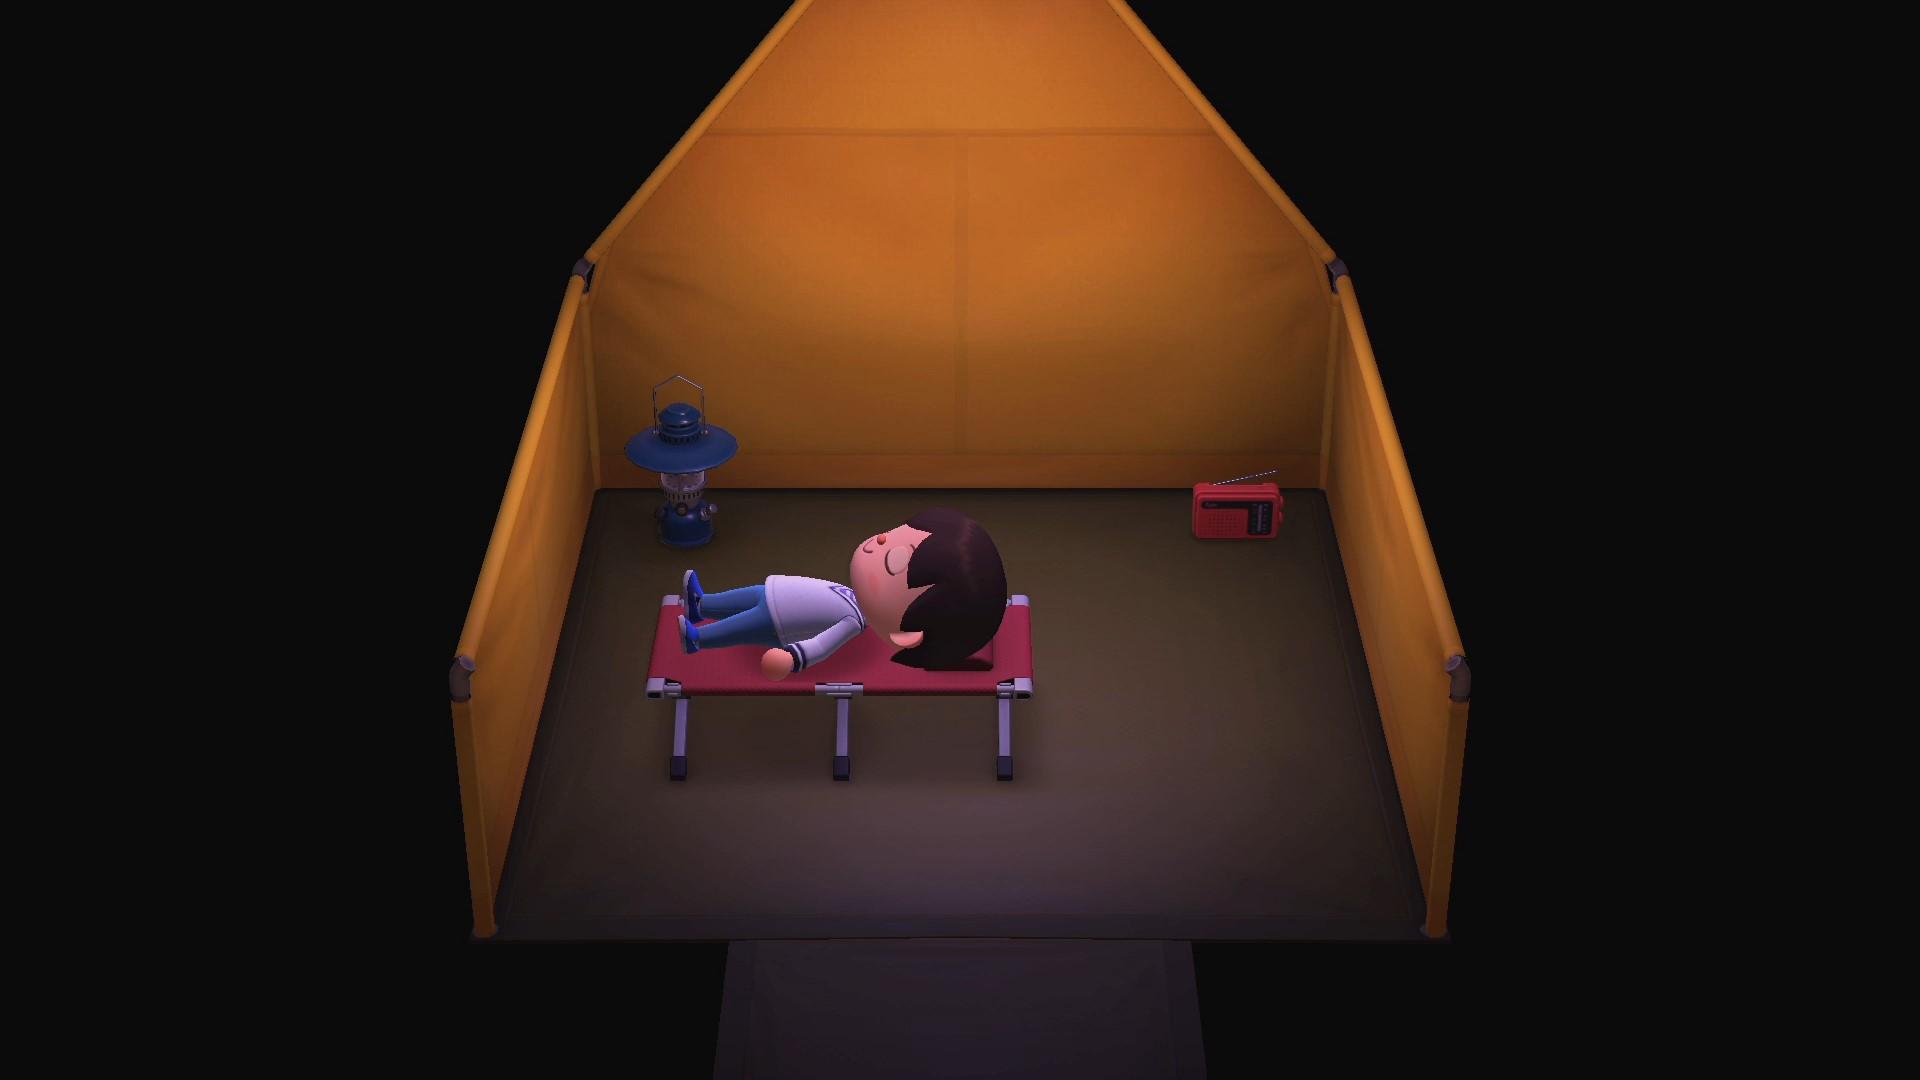 ラジオからはあつ森のBGMが流れ出した。BGMを聴きながら寝ることにしよう。あ、寝袋はないんだね (´・ω・)